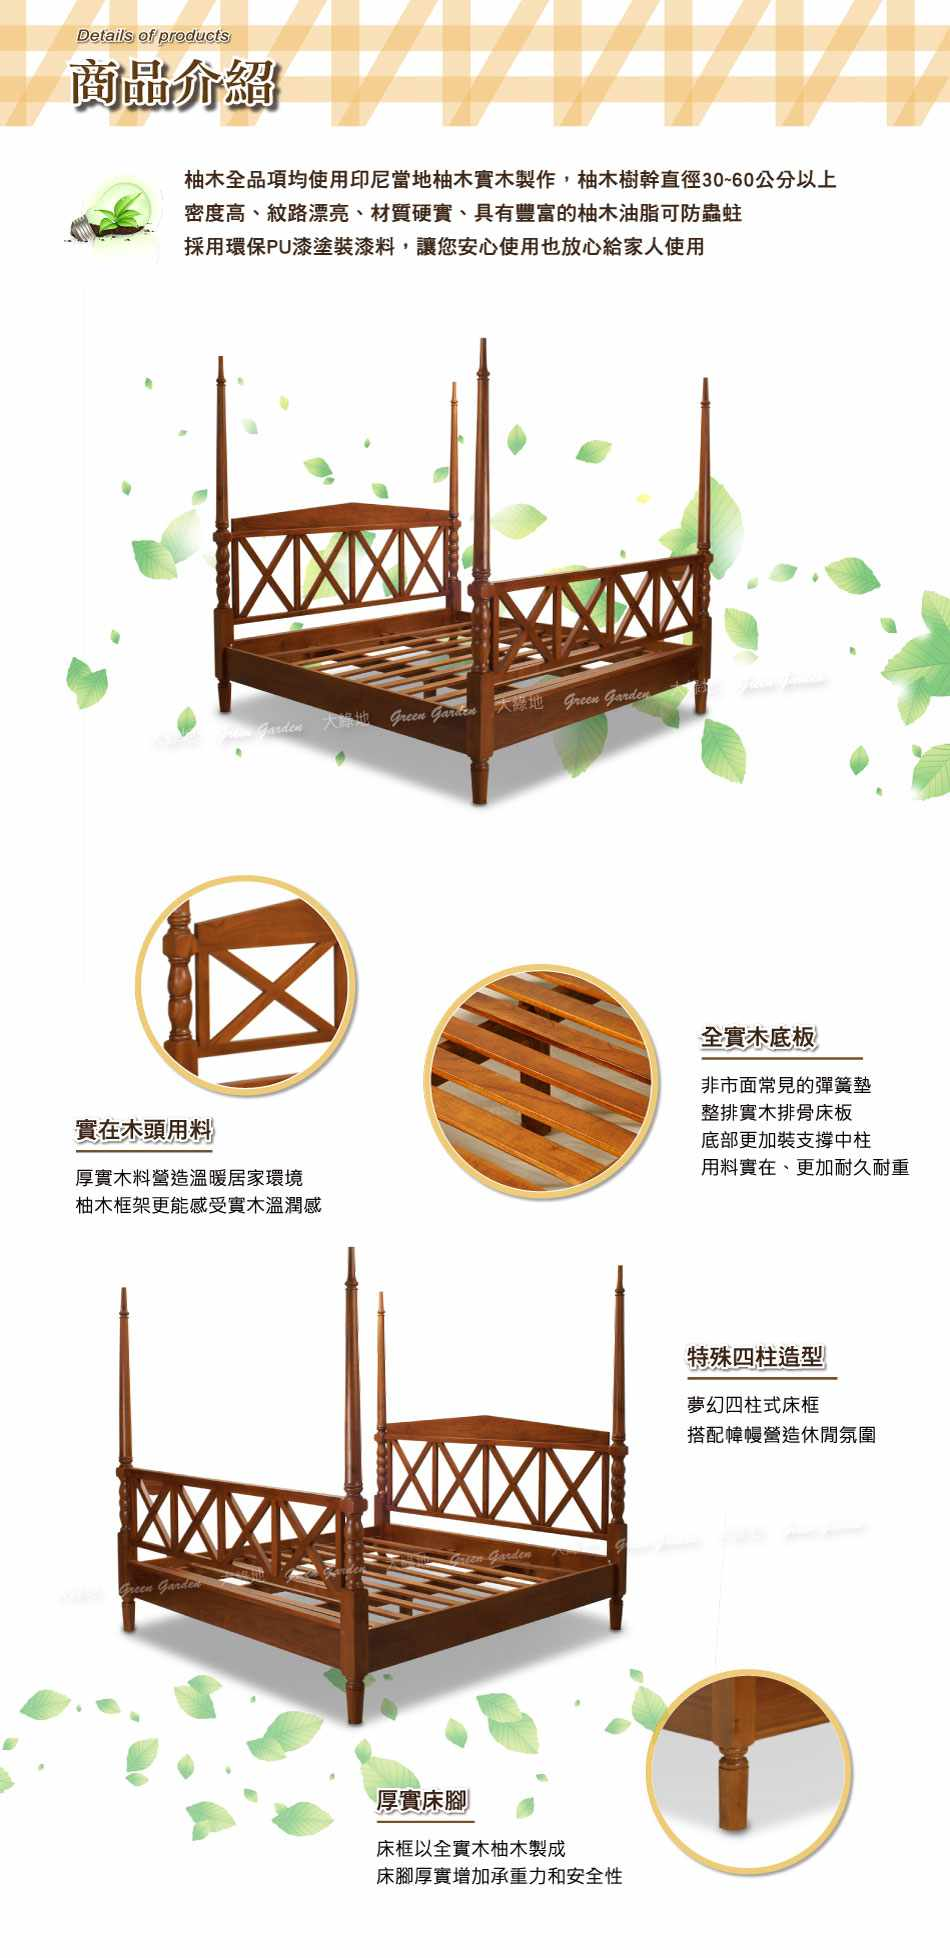 四柱式雙人柚木床